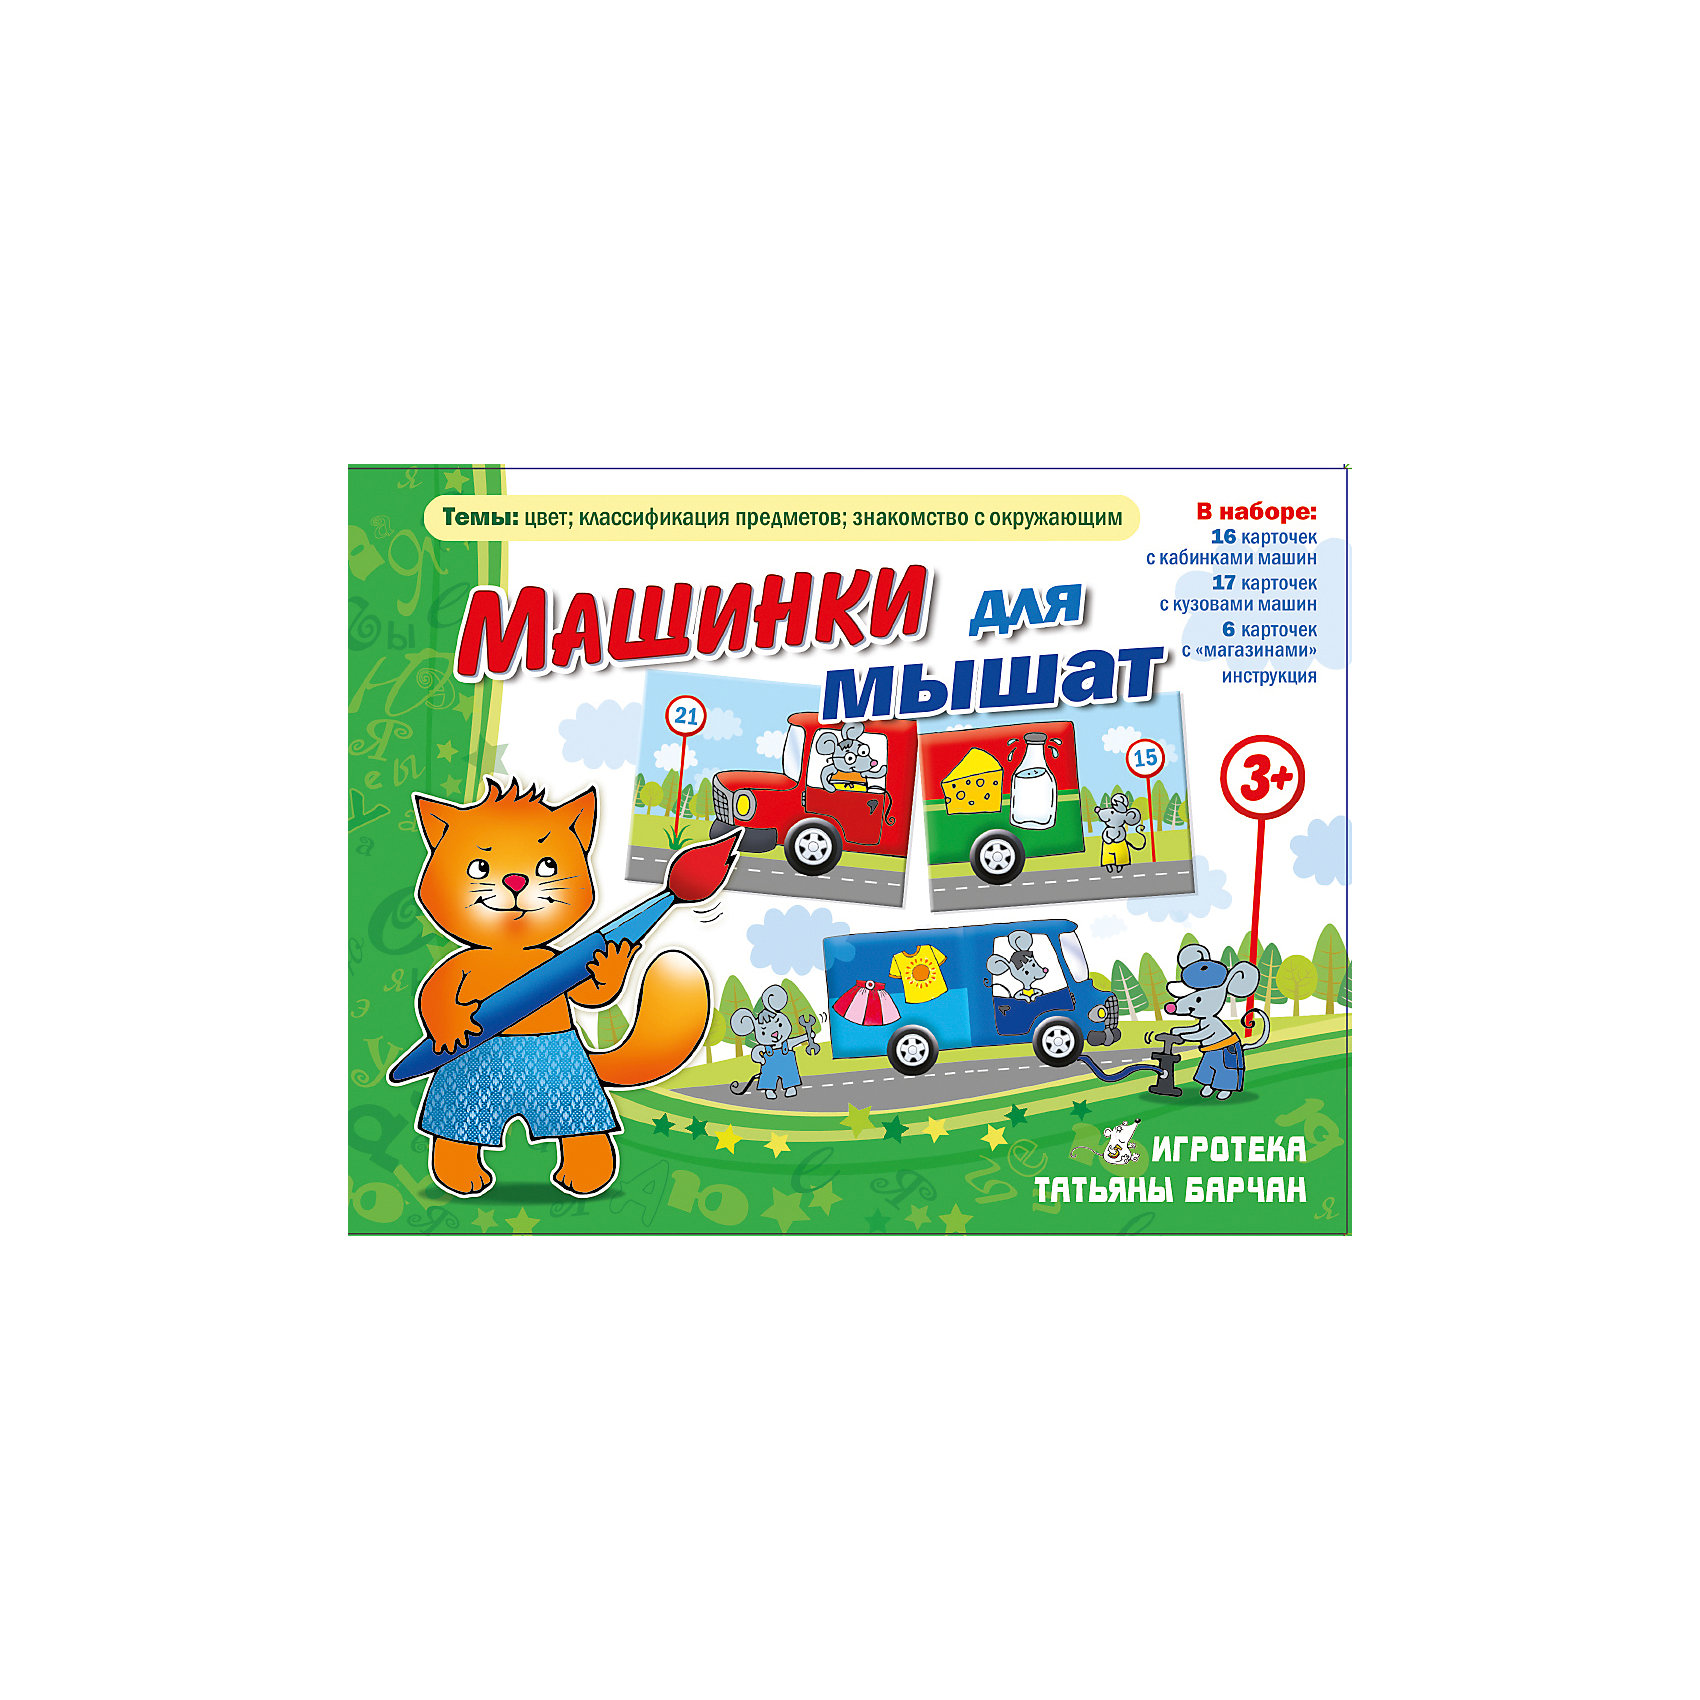 Машинки для мышат, Игротека Татьяны БарчанВикторины, ребусы<br>Машинки для мышат, Игротека Татьяны Барчан.<br><br>Характеристики:<br><br>• Для детей в возрасте: от 3 до 5 лет<br>• В комплекте: 16 двухсторонних карточек с кабинками машин 4 цветов, 17 карточек с разноцветными кузовами машинок, 6 двухсторонних карточек с магазинчиками, инструкция<br>• Тема: Классификация предметов. Знакомство с окружающим миром<br>• Размер карточек с кабинками и кузовами: 7,5х5,5 см.<br>• Размер карточек с магазинами: 12х7,5 см.<br>• Материал: плотный качественный картон<br>• Производитель: ЦОТР Ребус (Россия)<br>• Упаковка: картонная коробка<br>• Размер упаковки: 135х180х40 мм.<br>• Вес: 176 гр.<br><br>Развить внимание и усидчивость, связную речь, научиться ориентироваться в пространстве, усвоить понятия налево, направо, получить навыки распределения предметов по группам, классификации предметов, познакомиться с окружающим миром дошколята смогут в процессе увлекательной игры Машинки для мышат. <br><br>В коробке с игрой располагается 16 двухсторонних карточек с кабинками машин 4 цветов, 17 карточек с разноцветными кузовами машинок, 6 двухсторонних карточек с магазинчиками. Используя карточки, педагоги дошкольных образовательных центров, детских садов, а также родители смогут организовать с детьми 2 игры: Срочный ремонт машин и Везем товары в магазин. <br><br>Первая игра будет проходить по принципу лото. Участникам потребуется подобрать к карточкам с кабинками, кузова соответствующих цветов. Во втором варианте игры, непоседам предстоит определить по картинке с изображением предмета на кузове машины, как называется магазин, куда водитель везет свой товар. Описание подробных правил игры предложены в иллюстрированной инструкции.<br><br>Игру Машинки для мышат, Игротека Татьяны Барчан можно купить в нашем интернет-магазине.<br><br>Ширина мм: 180<br>Глубина мм: 135<br>Высота мм: 40<br>Вес г: 180<br>Возраст от месяцев: 36<br>Возраст до месяцев: 60<br>Пол: Унисекс<br>Возраст: Детский<br>SKU: 67